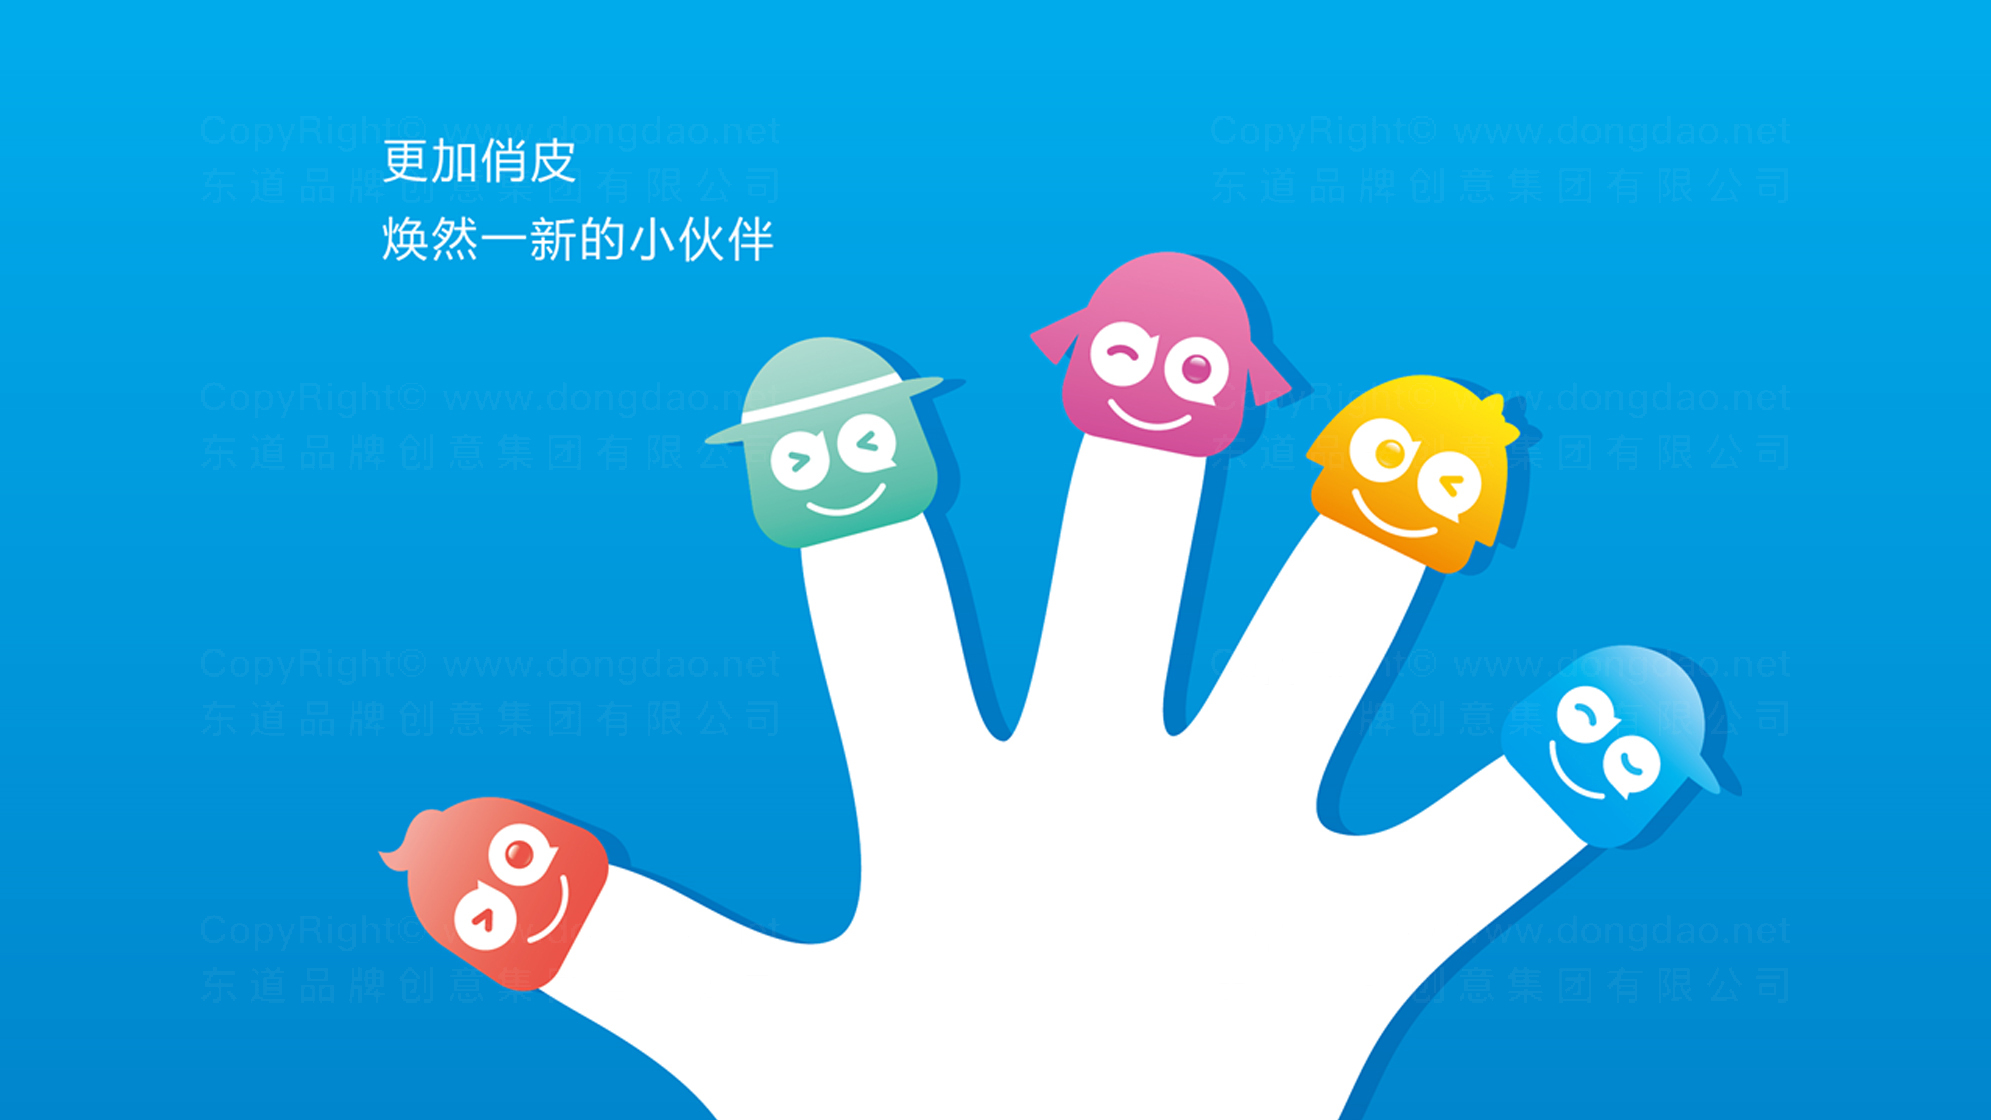 品牌设计鼎奇幼儿园LOGO&VI设计应用